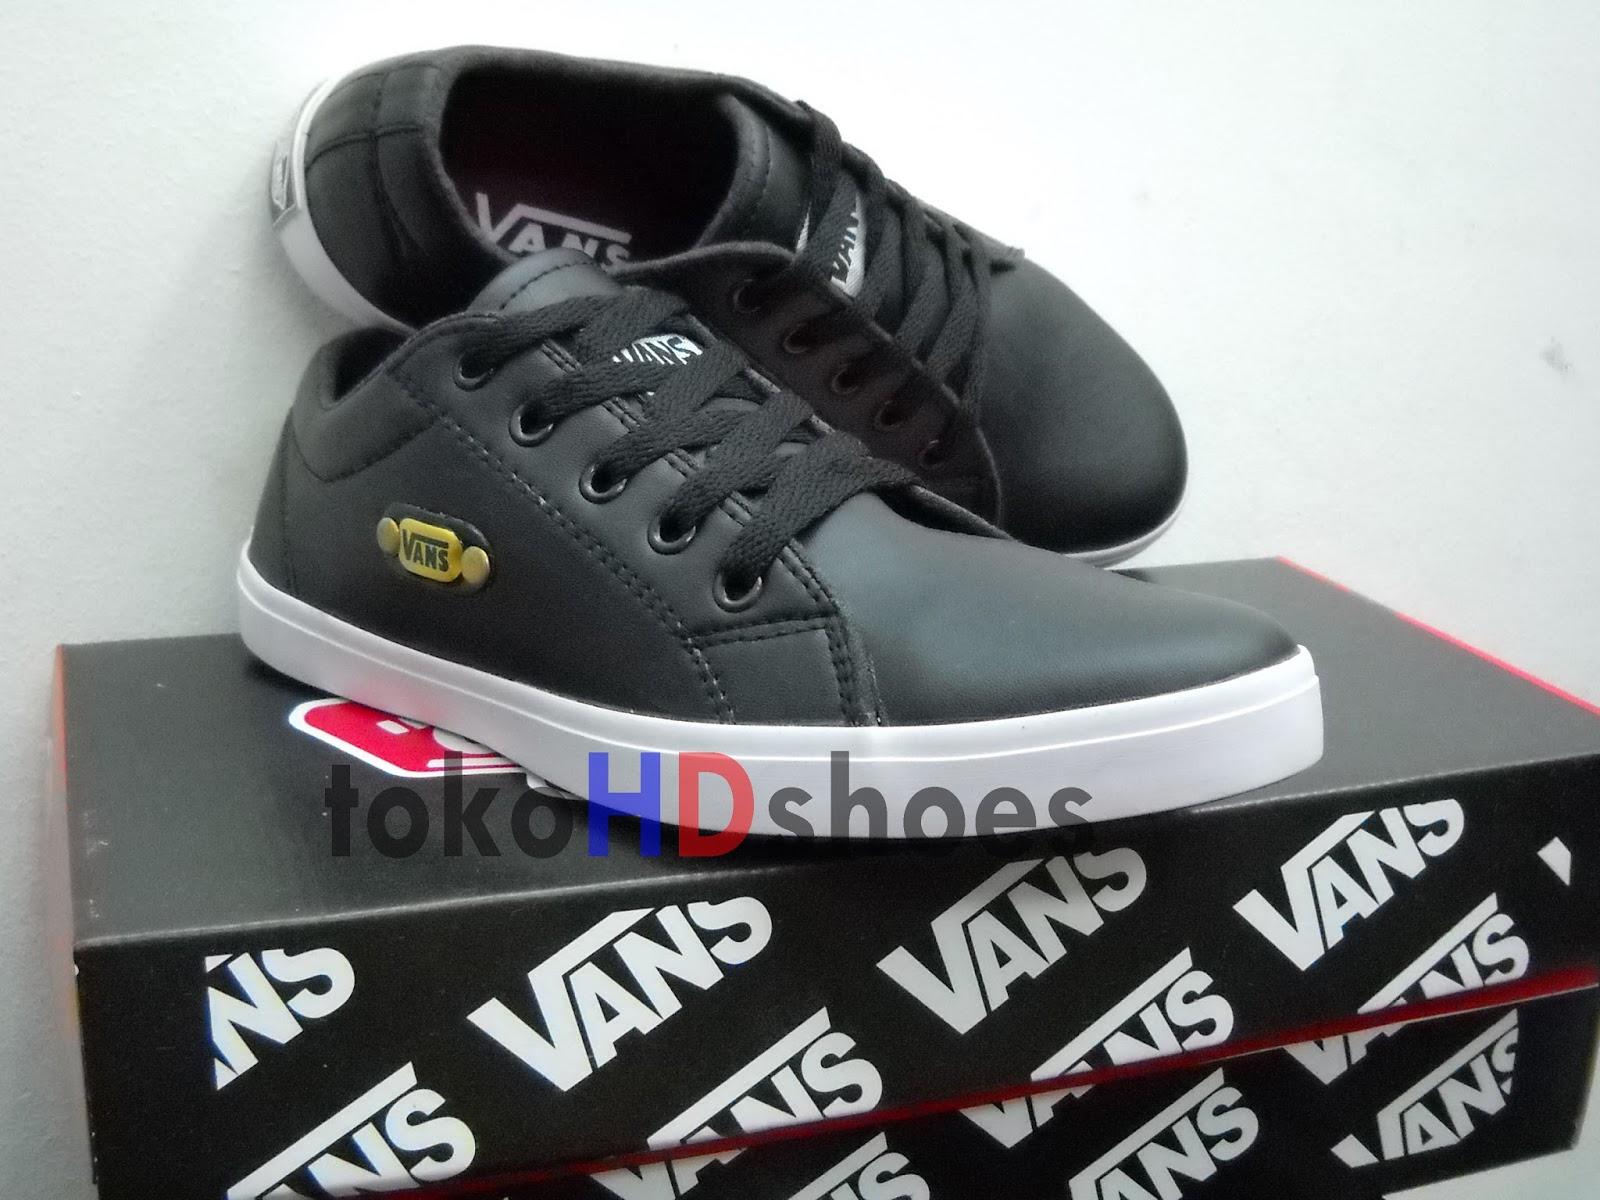 Jual Sepatu Vans Road Black - Toko sepatu HD shoes  7fadeca71f